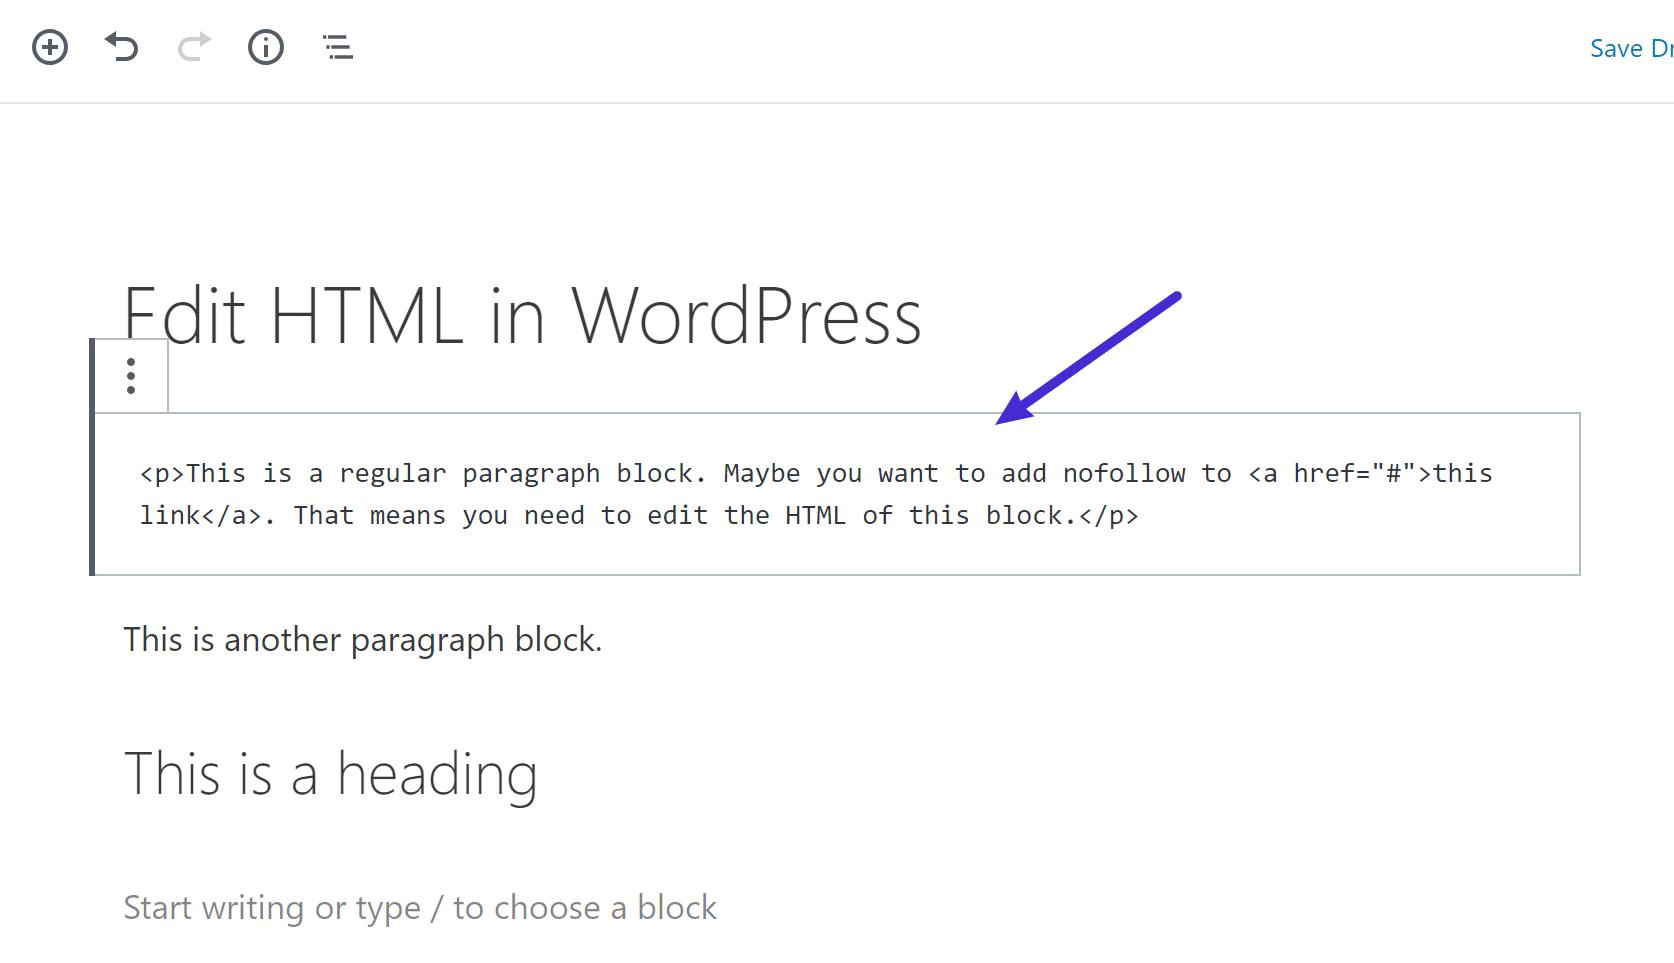 Ejemplo de edición de bloque de HTML